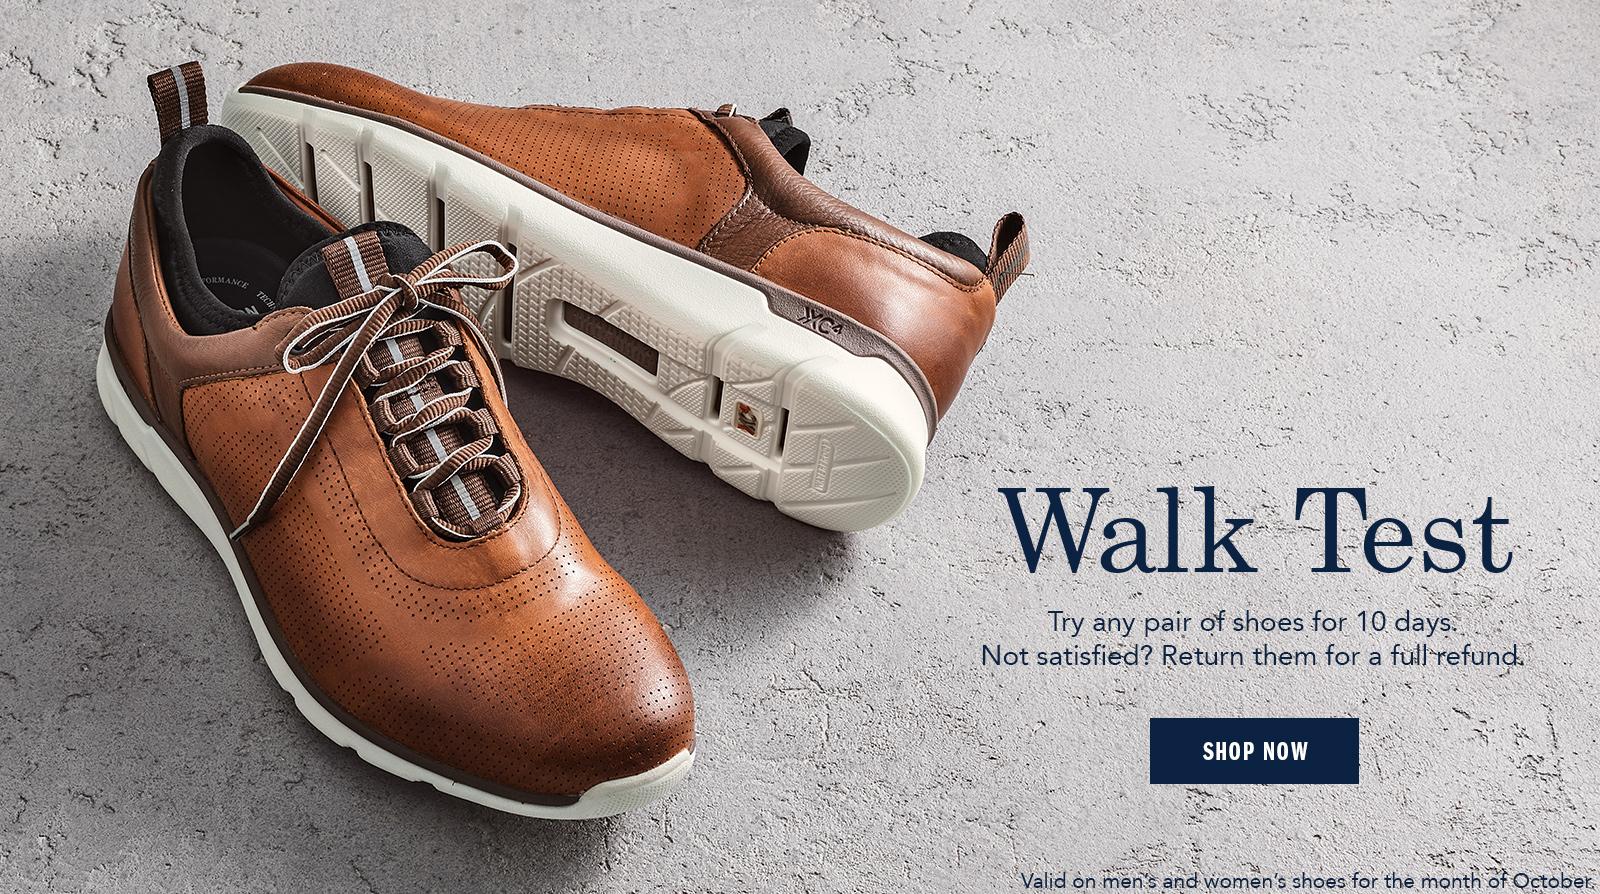 Walk Test - Shop Men's Shoes